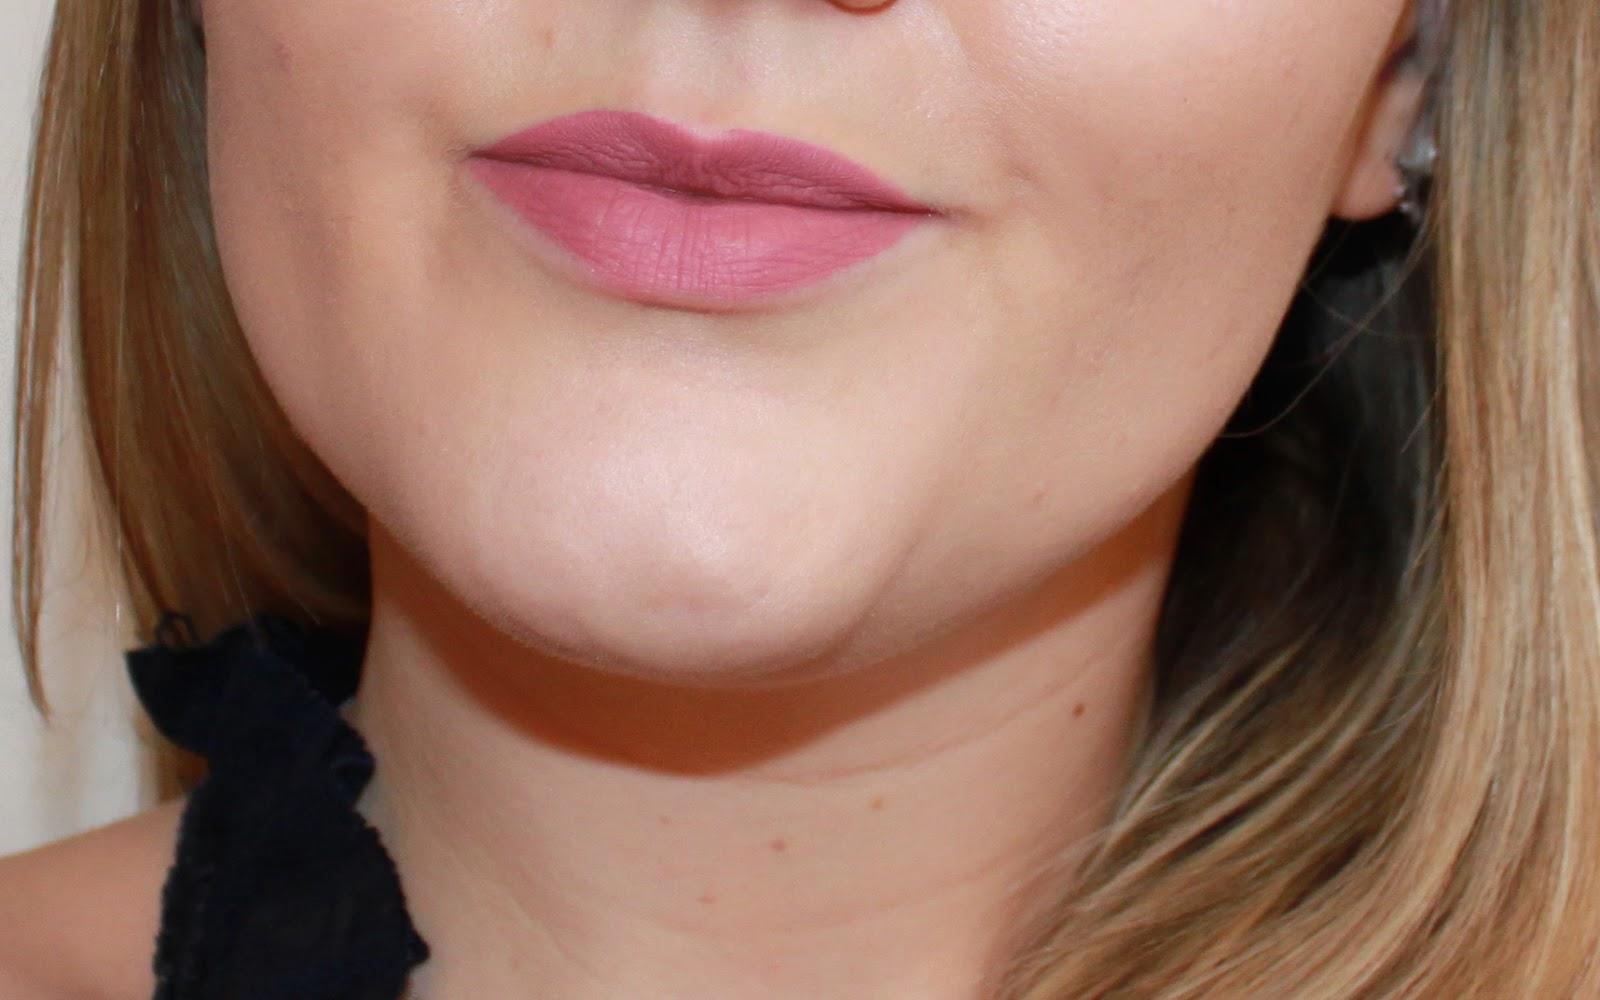 beauté avis Everlasting liquid Lipstick Kat Von D rouge à lèvres liquides mats teinte Lovesick @DeuxAimes